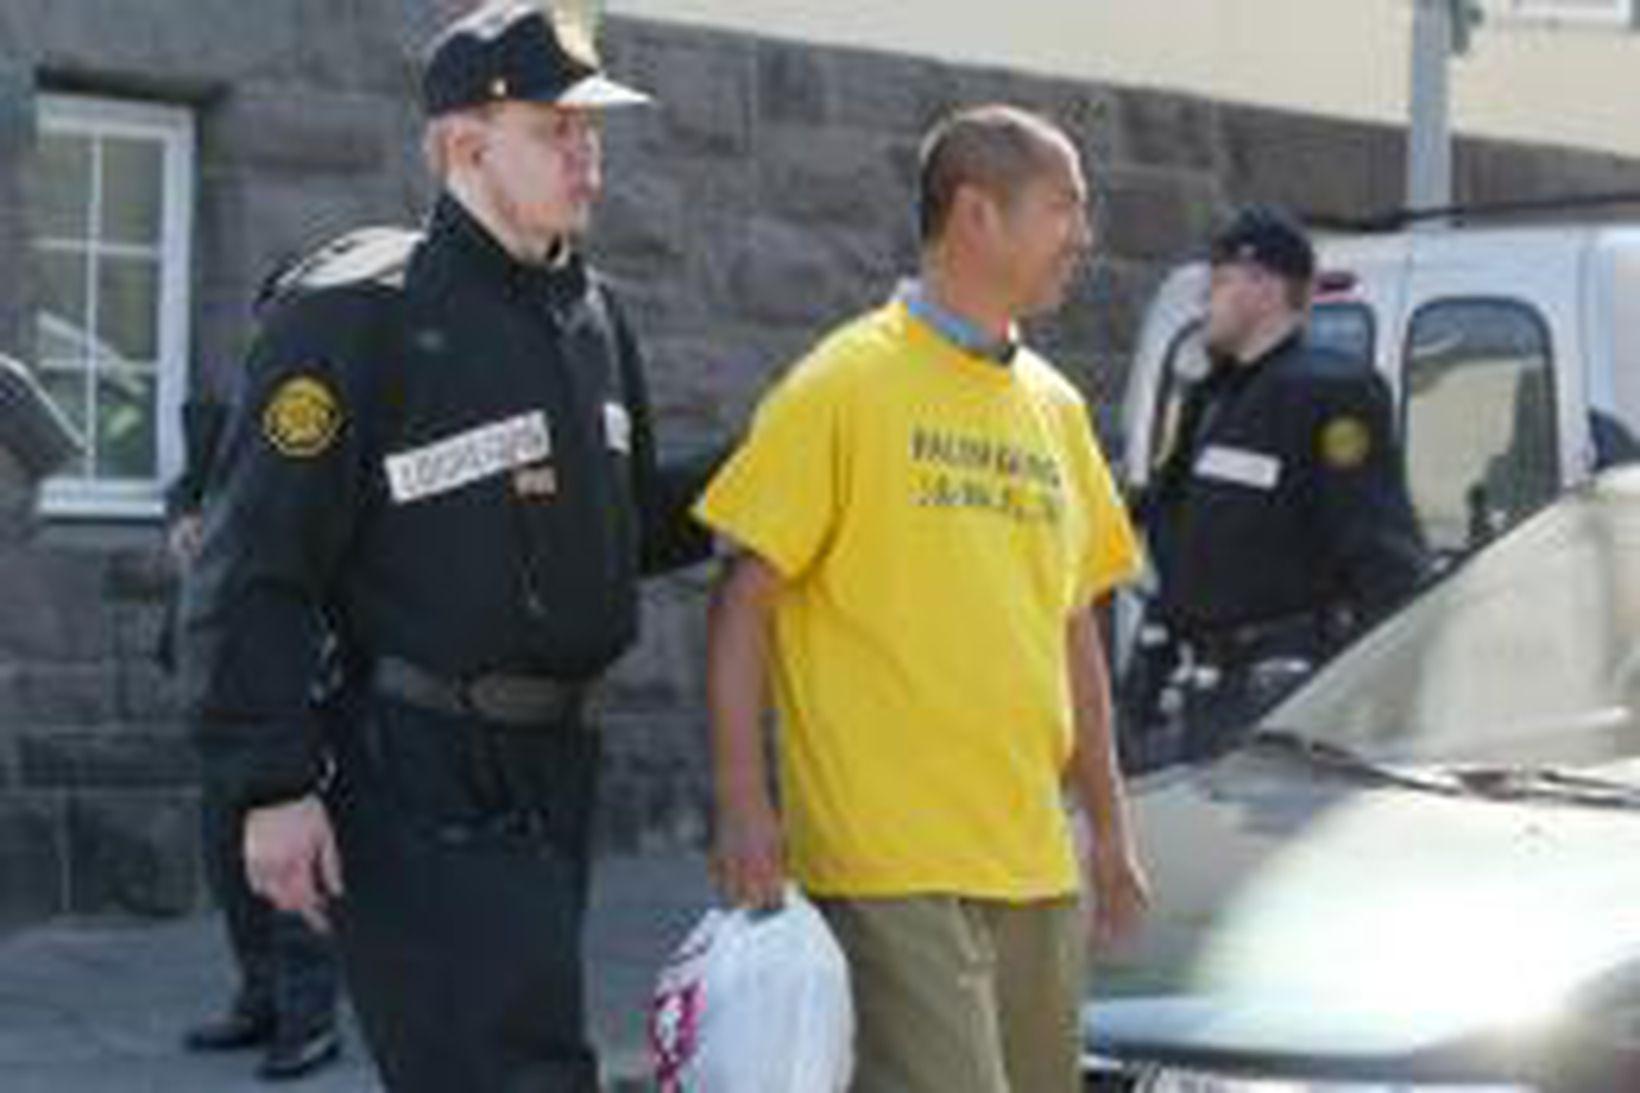 Lögregla hefur afskipti af liðsmanni Falun Gong við Þjóðmenningarhúsið.